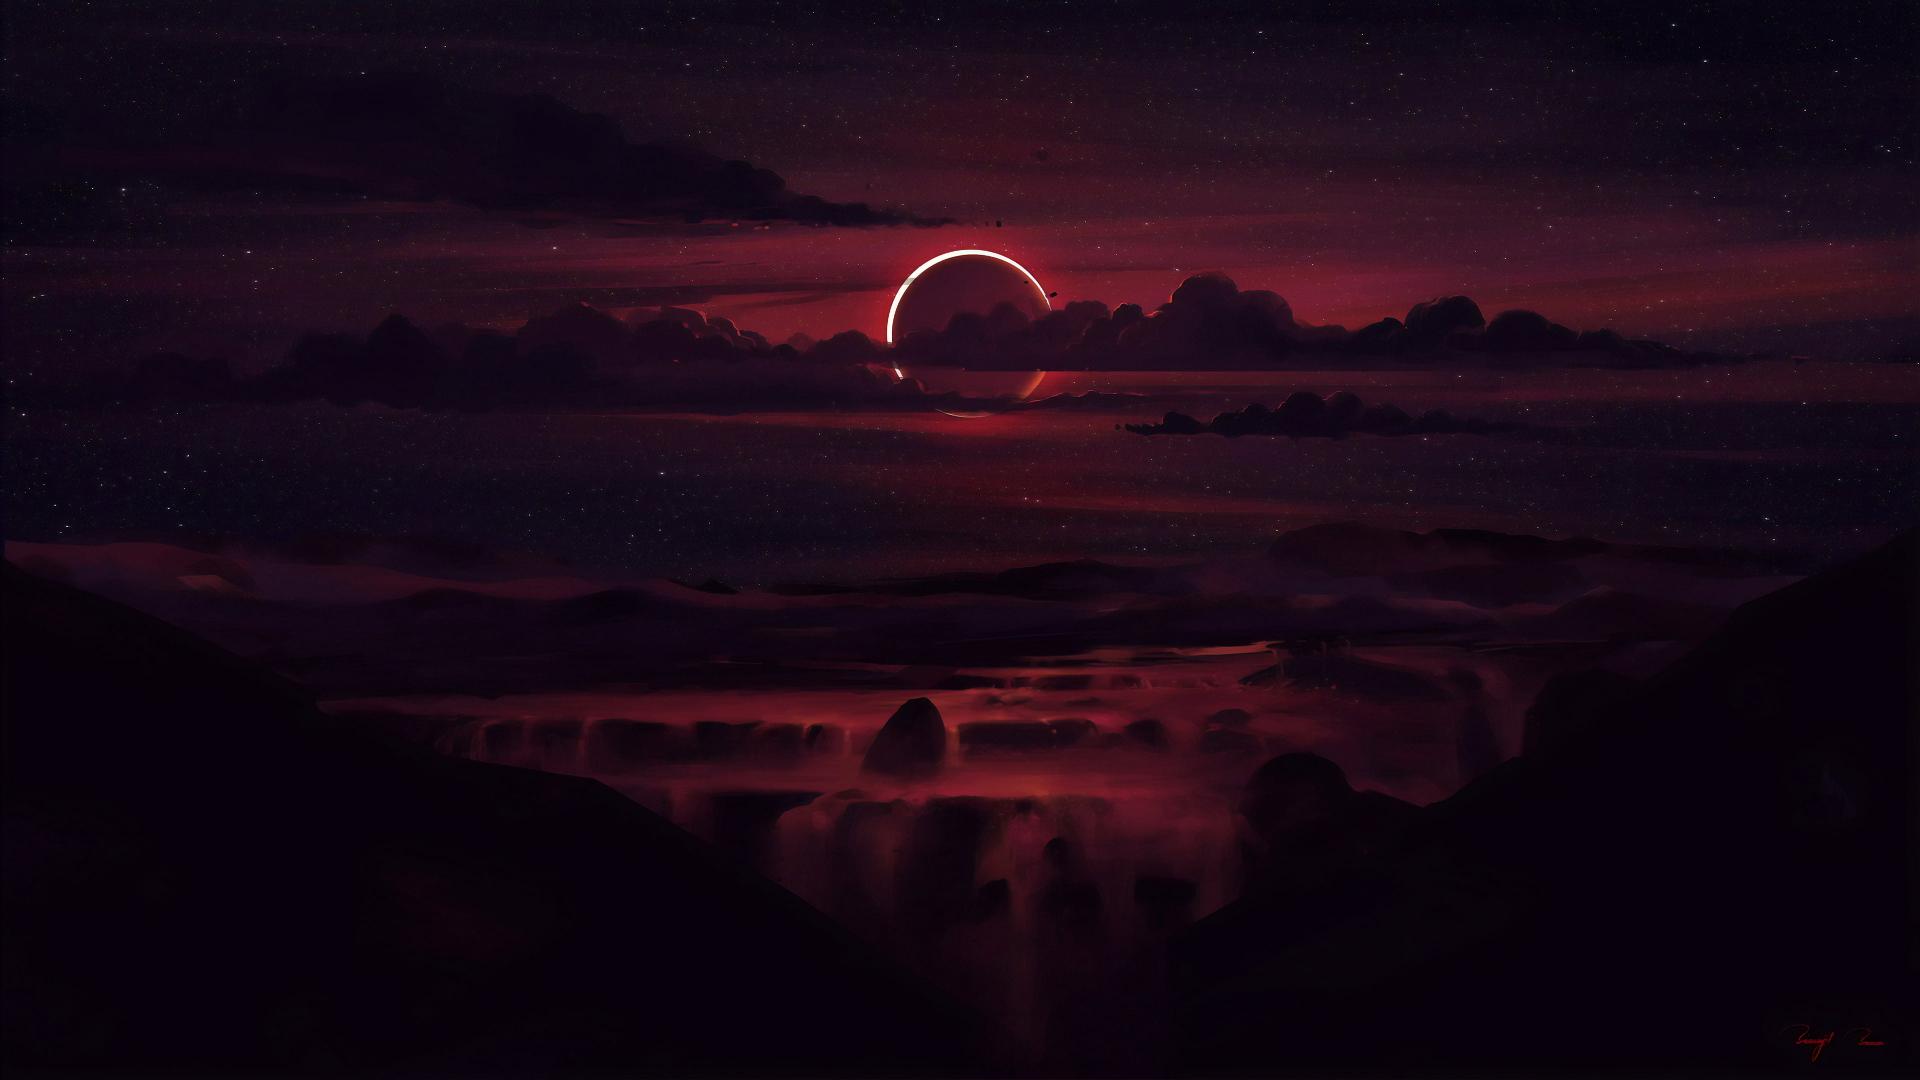 General 1920x1080 solar eclipse dark sky Sun clouds nature